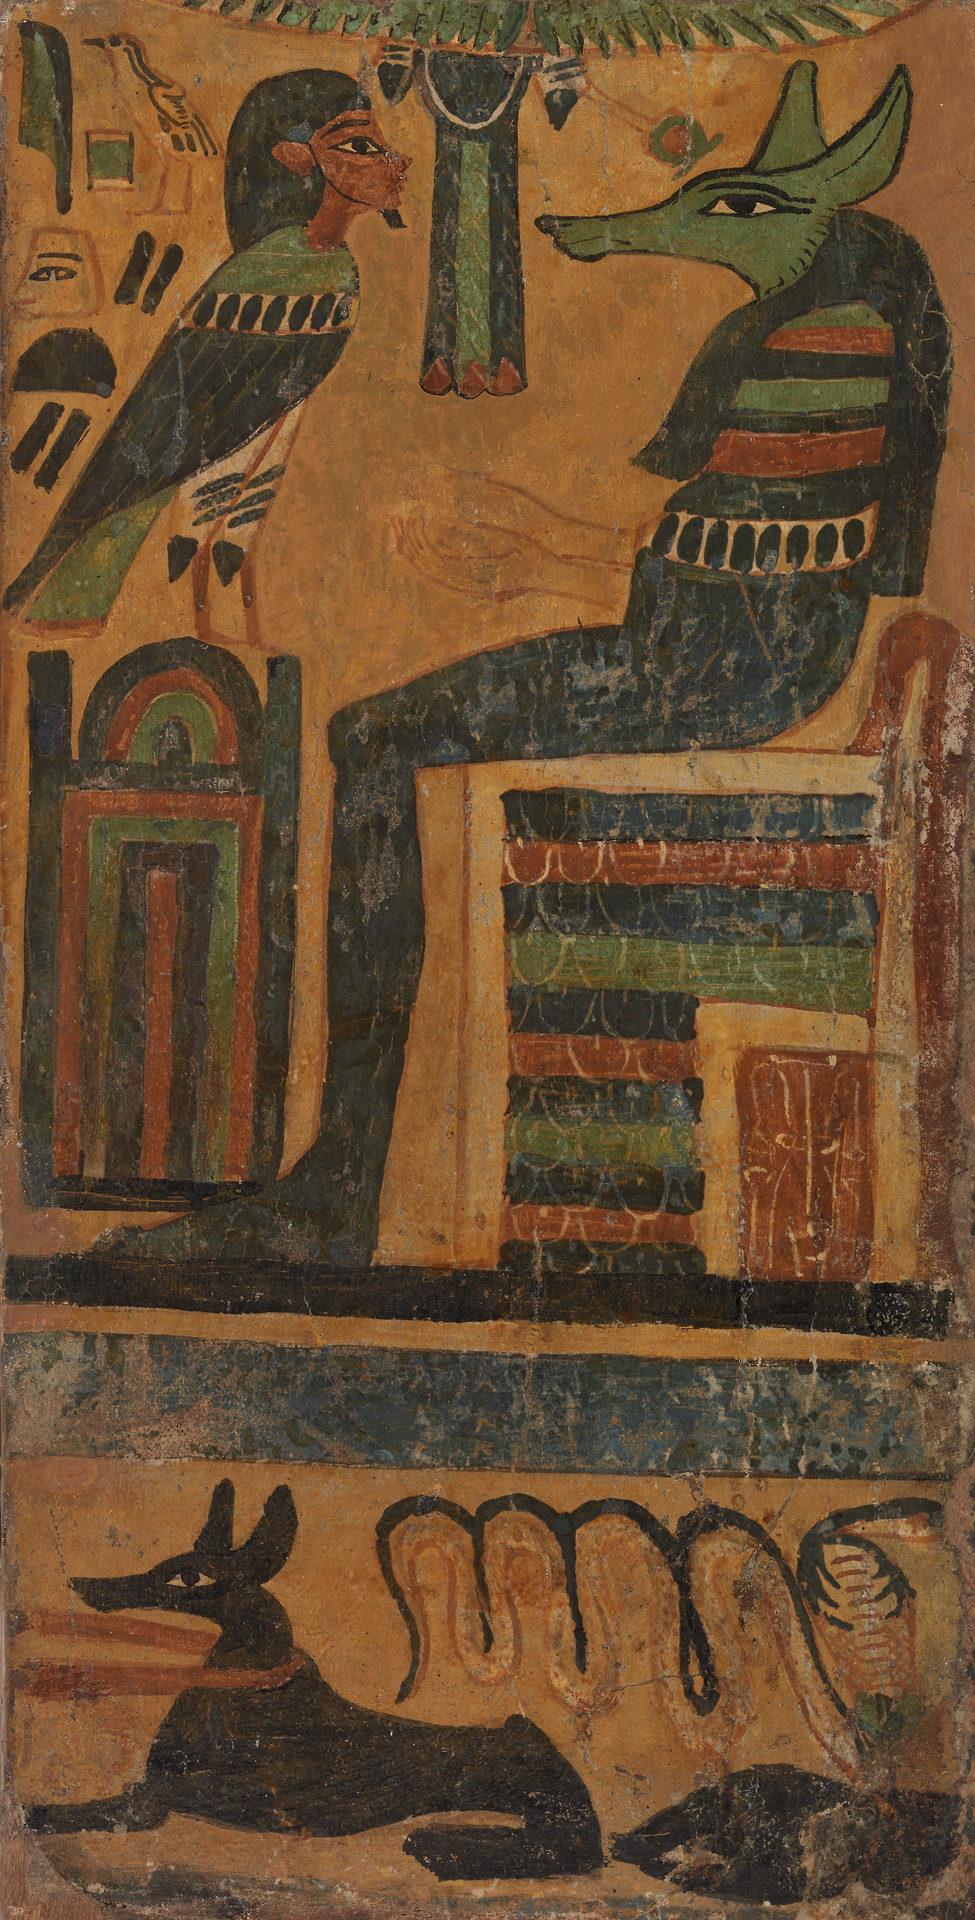 Coffin84